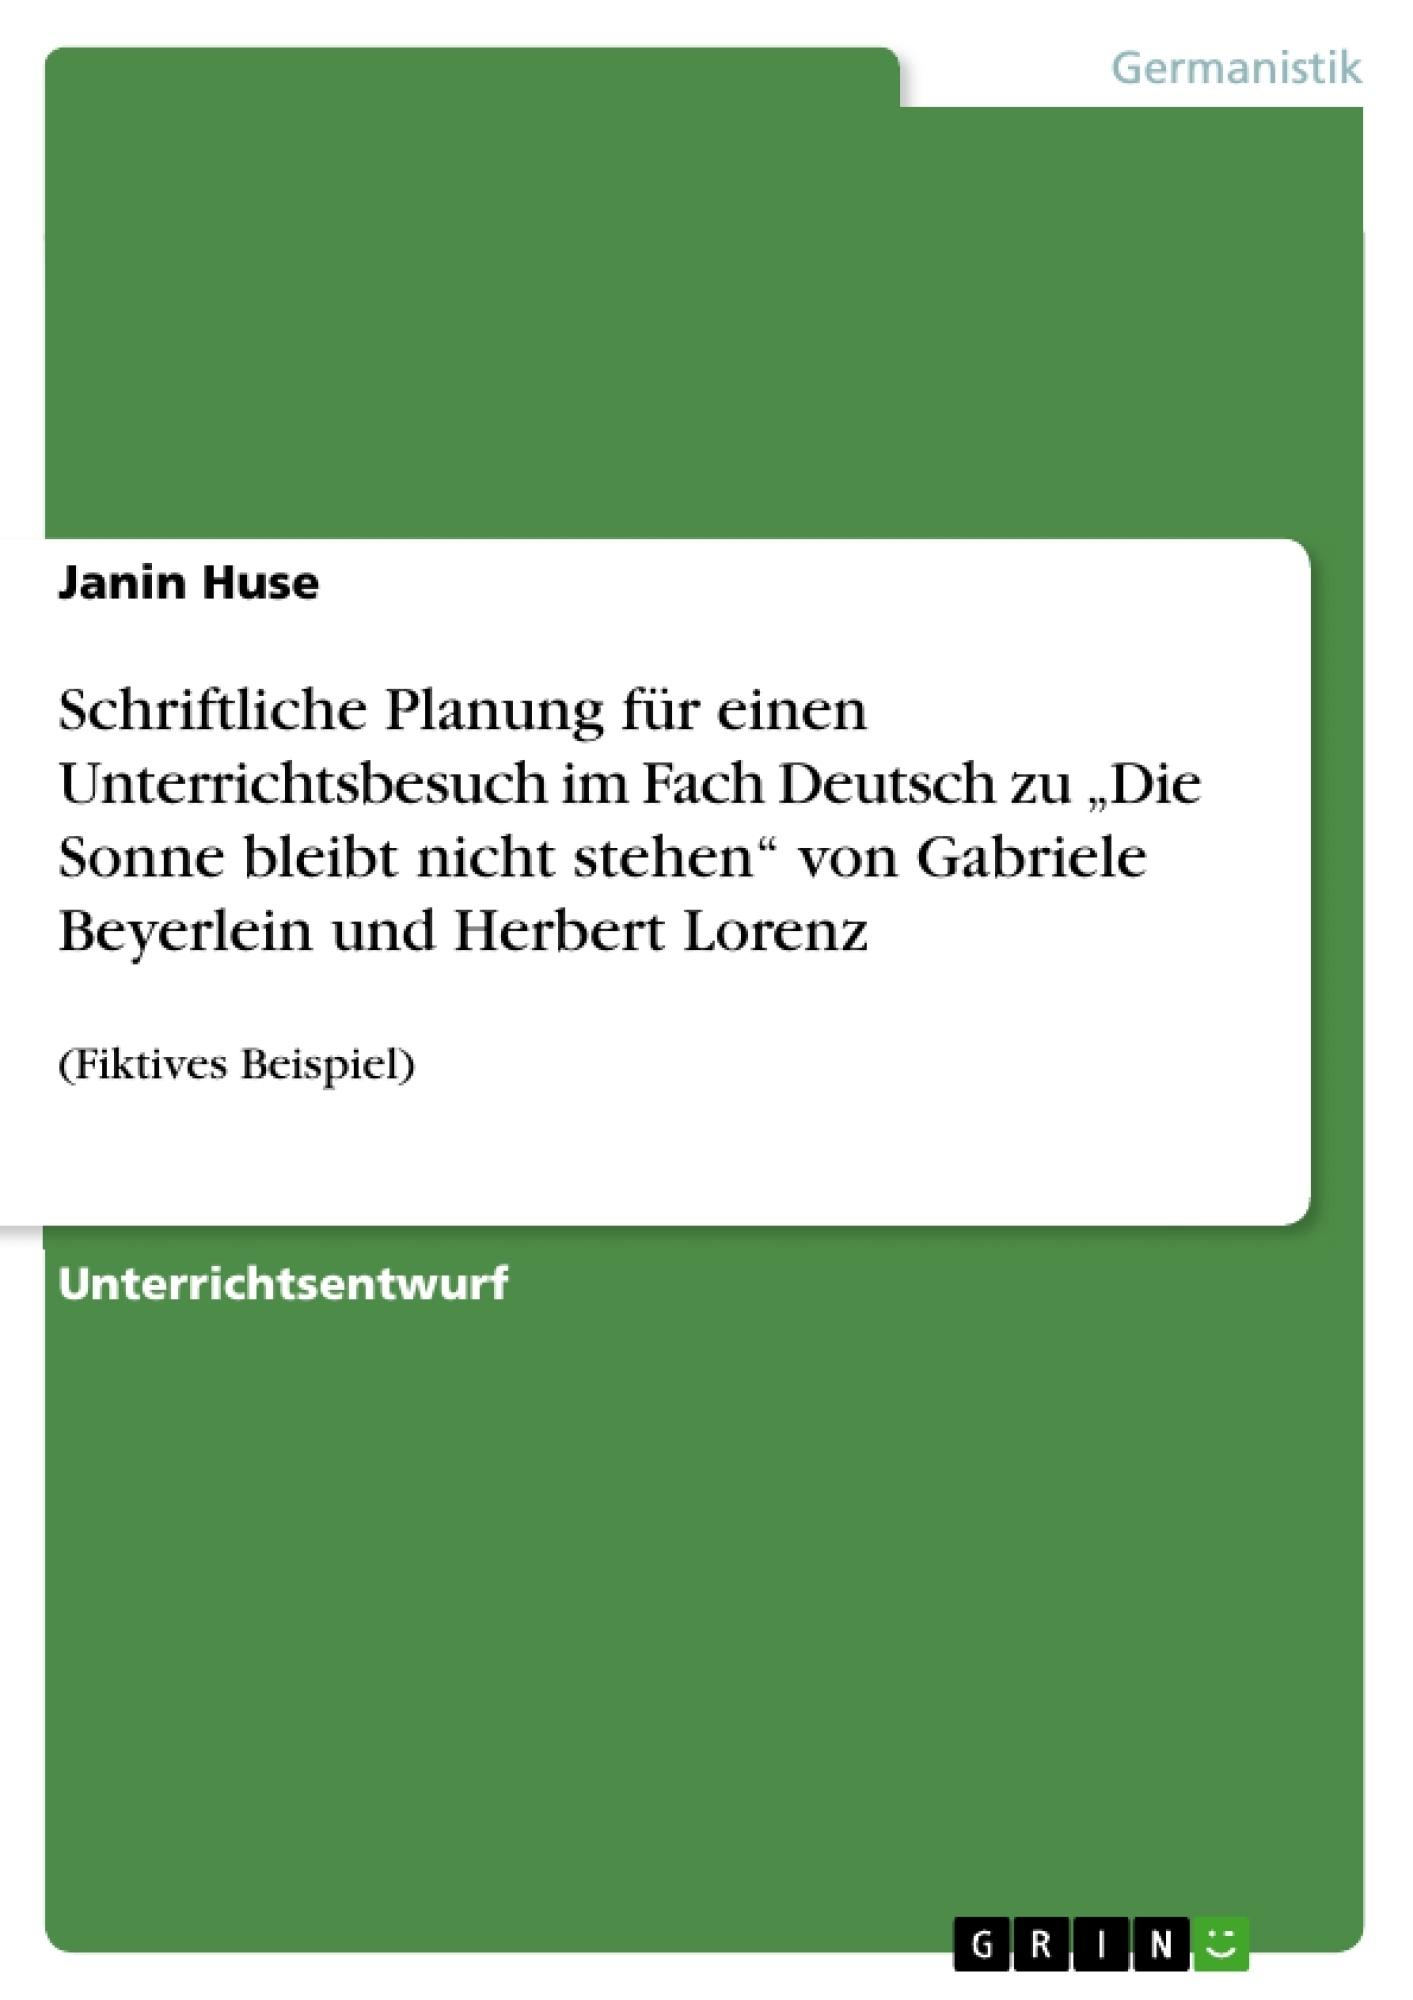 """Titel: Schriftliche Planung für einen Unterrichtsbesuch im Fach Deutsch zu """"Die Sonne bleibt nicht stehen"""" von Gabriele Beyerlein und Herbert Lorenz"""